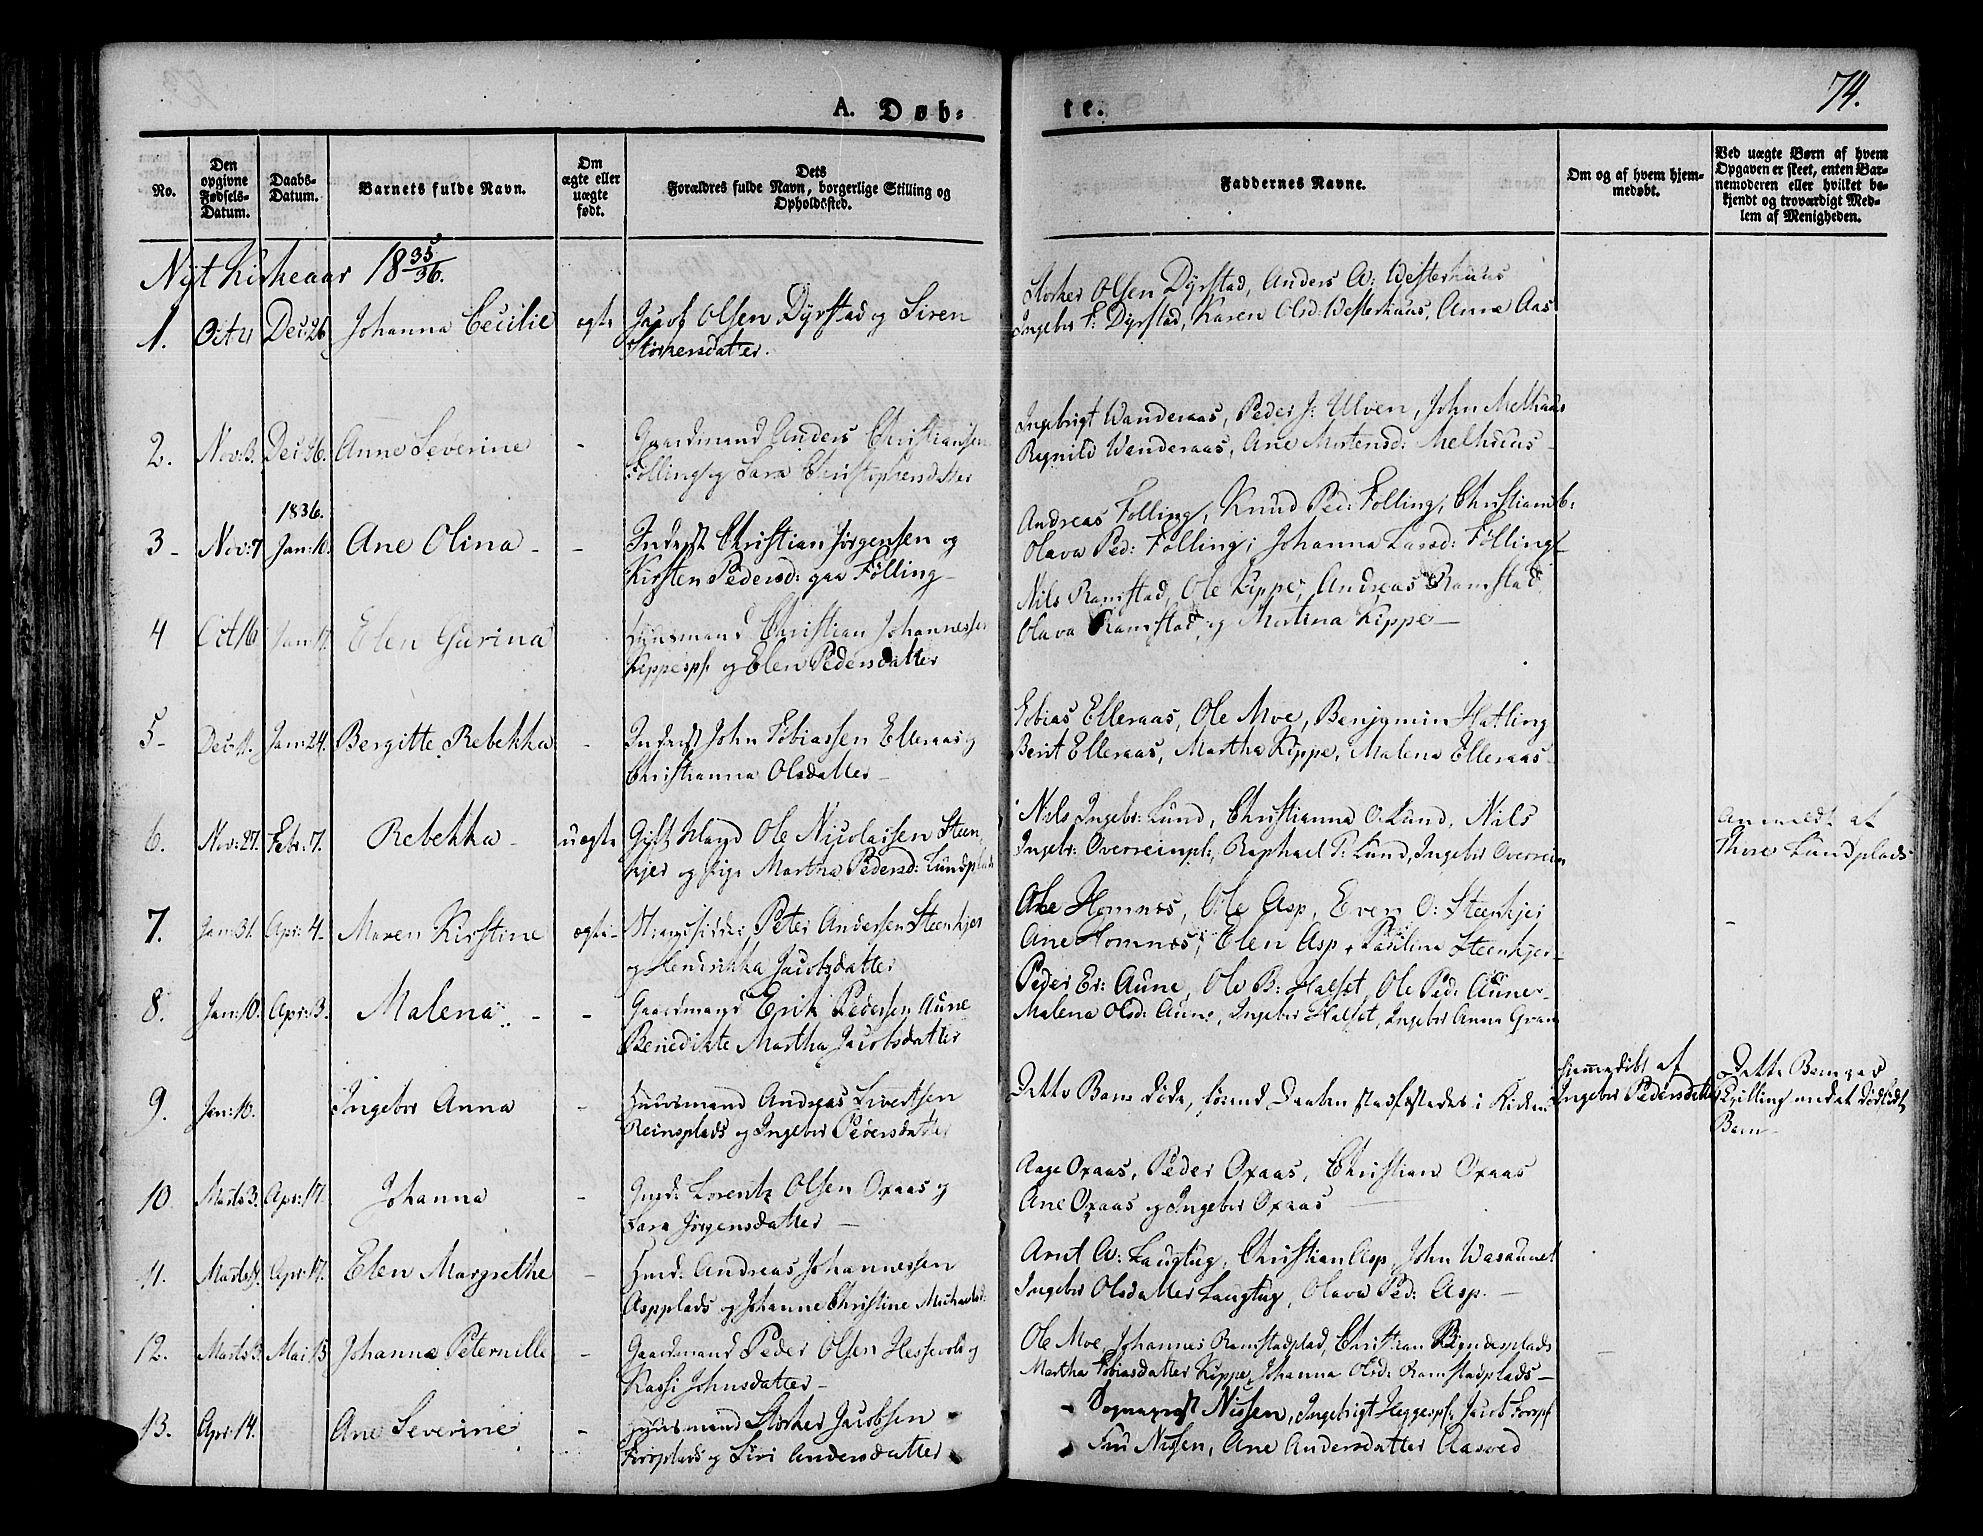 SAT, Ministerialprotokoller, klokkerbøker og fødselsregistre - Nord-Trøndelag, 746/L0445: Ministerialbok nr. 746A04, 1826-1846, s. 74